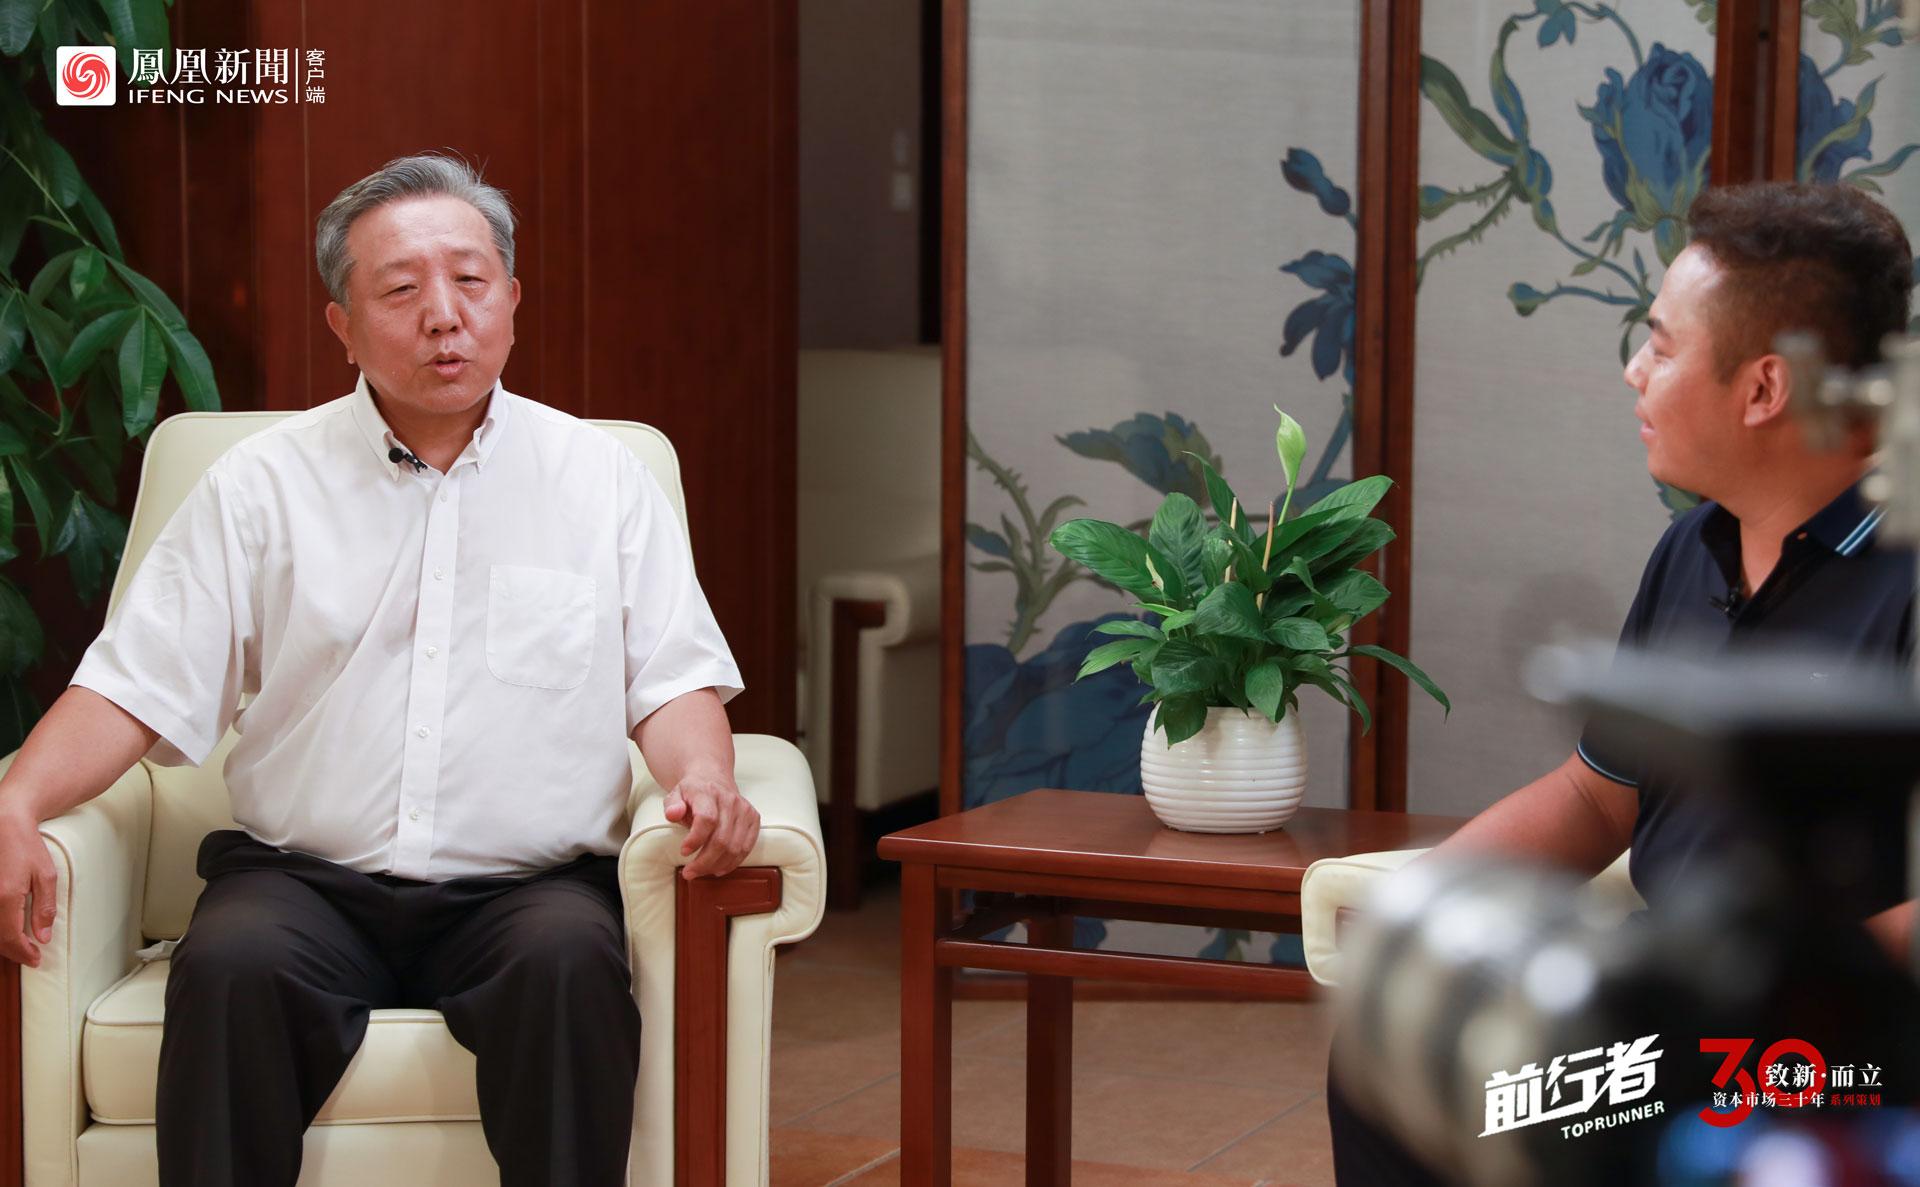 前行者|吴晓求:A股前10名上市公司就是茅台加几大金融机构,这个很糟糕